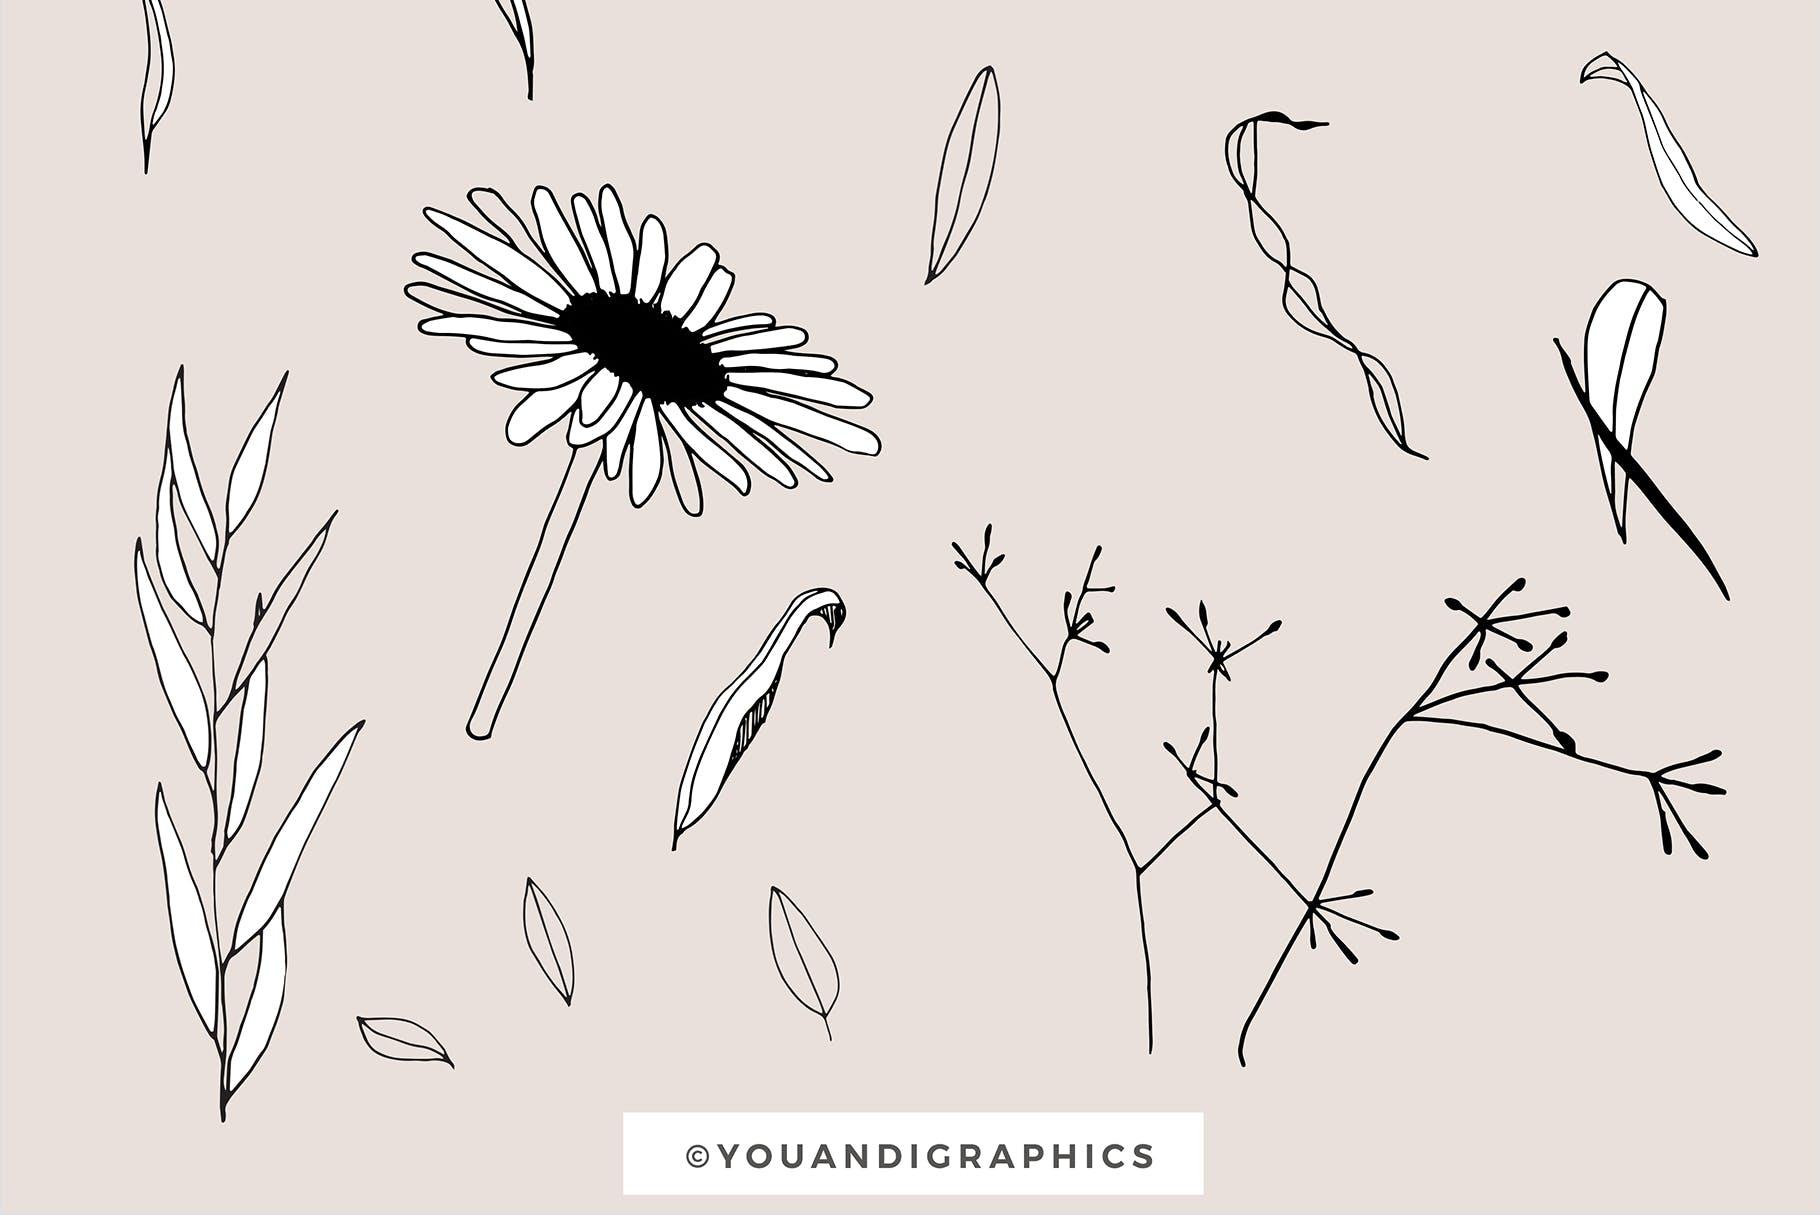 图形花卉图案装饰性元素图案花纹素材下载Graphic Flowers Patterns Elements插图(12)